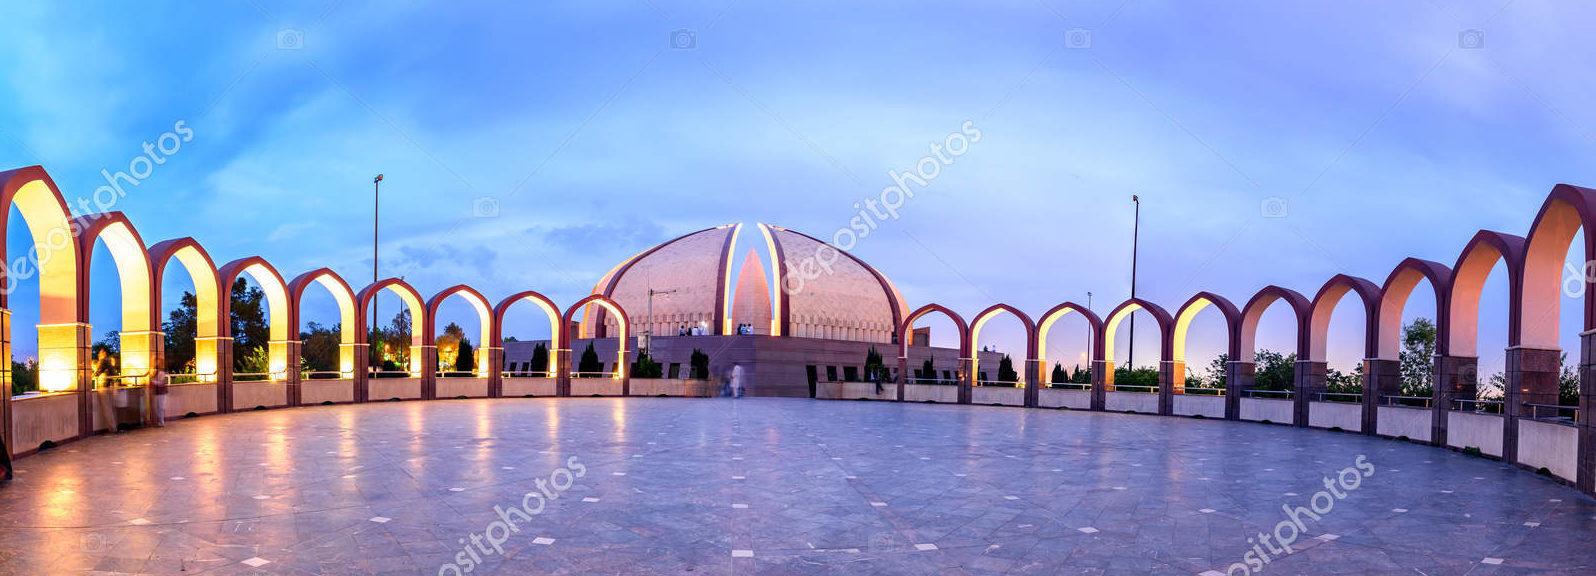 Арки Исламабадского монумента